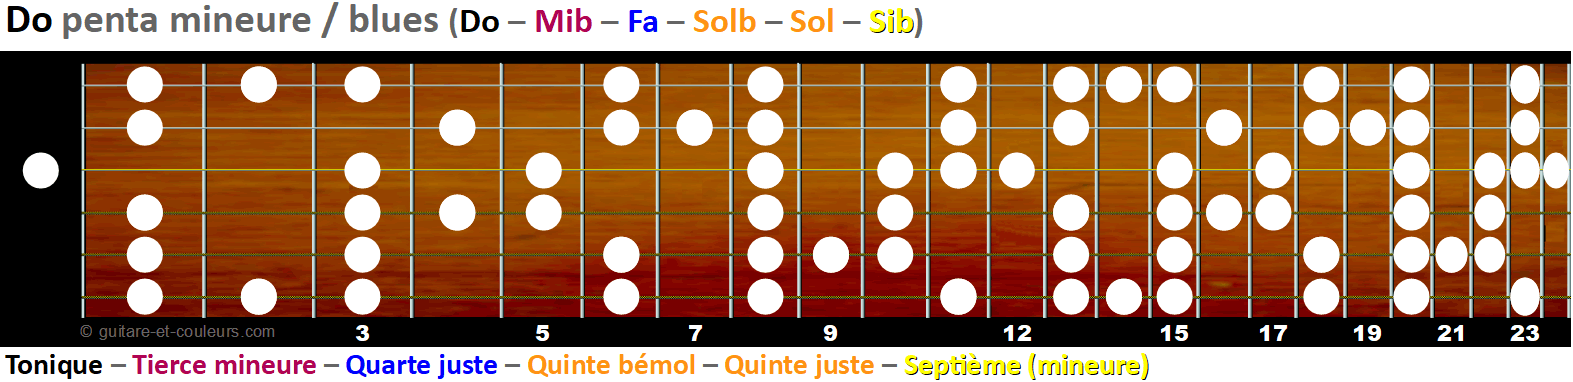 La gamme pentatonique mineure et blues sur le manche - Tonalité C